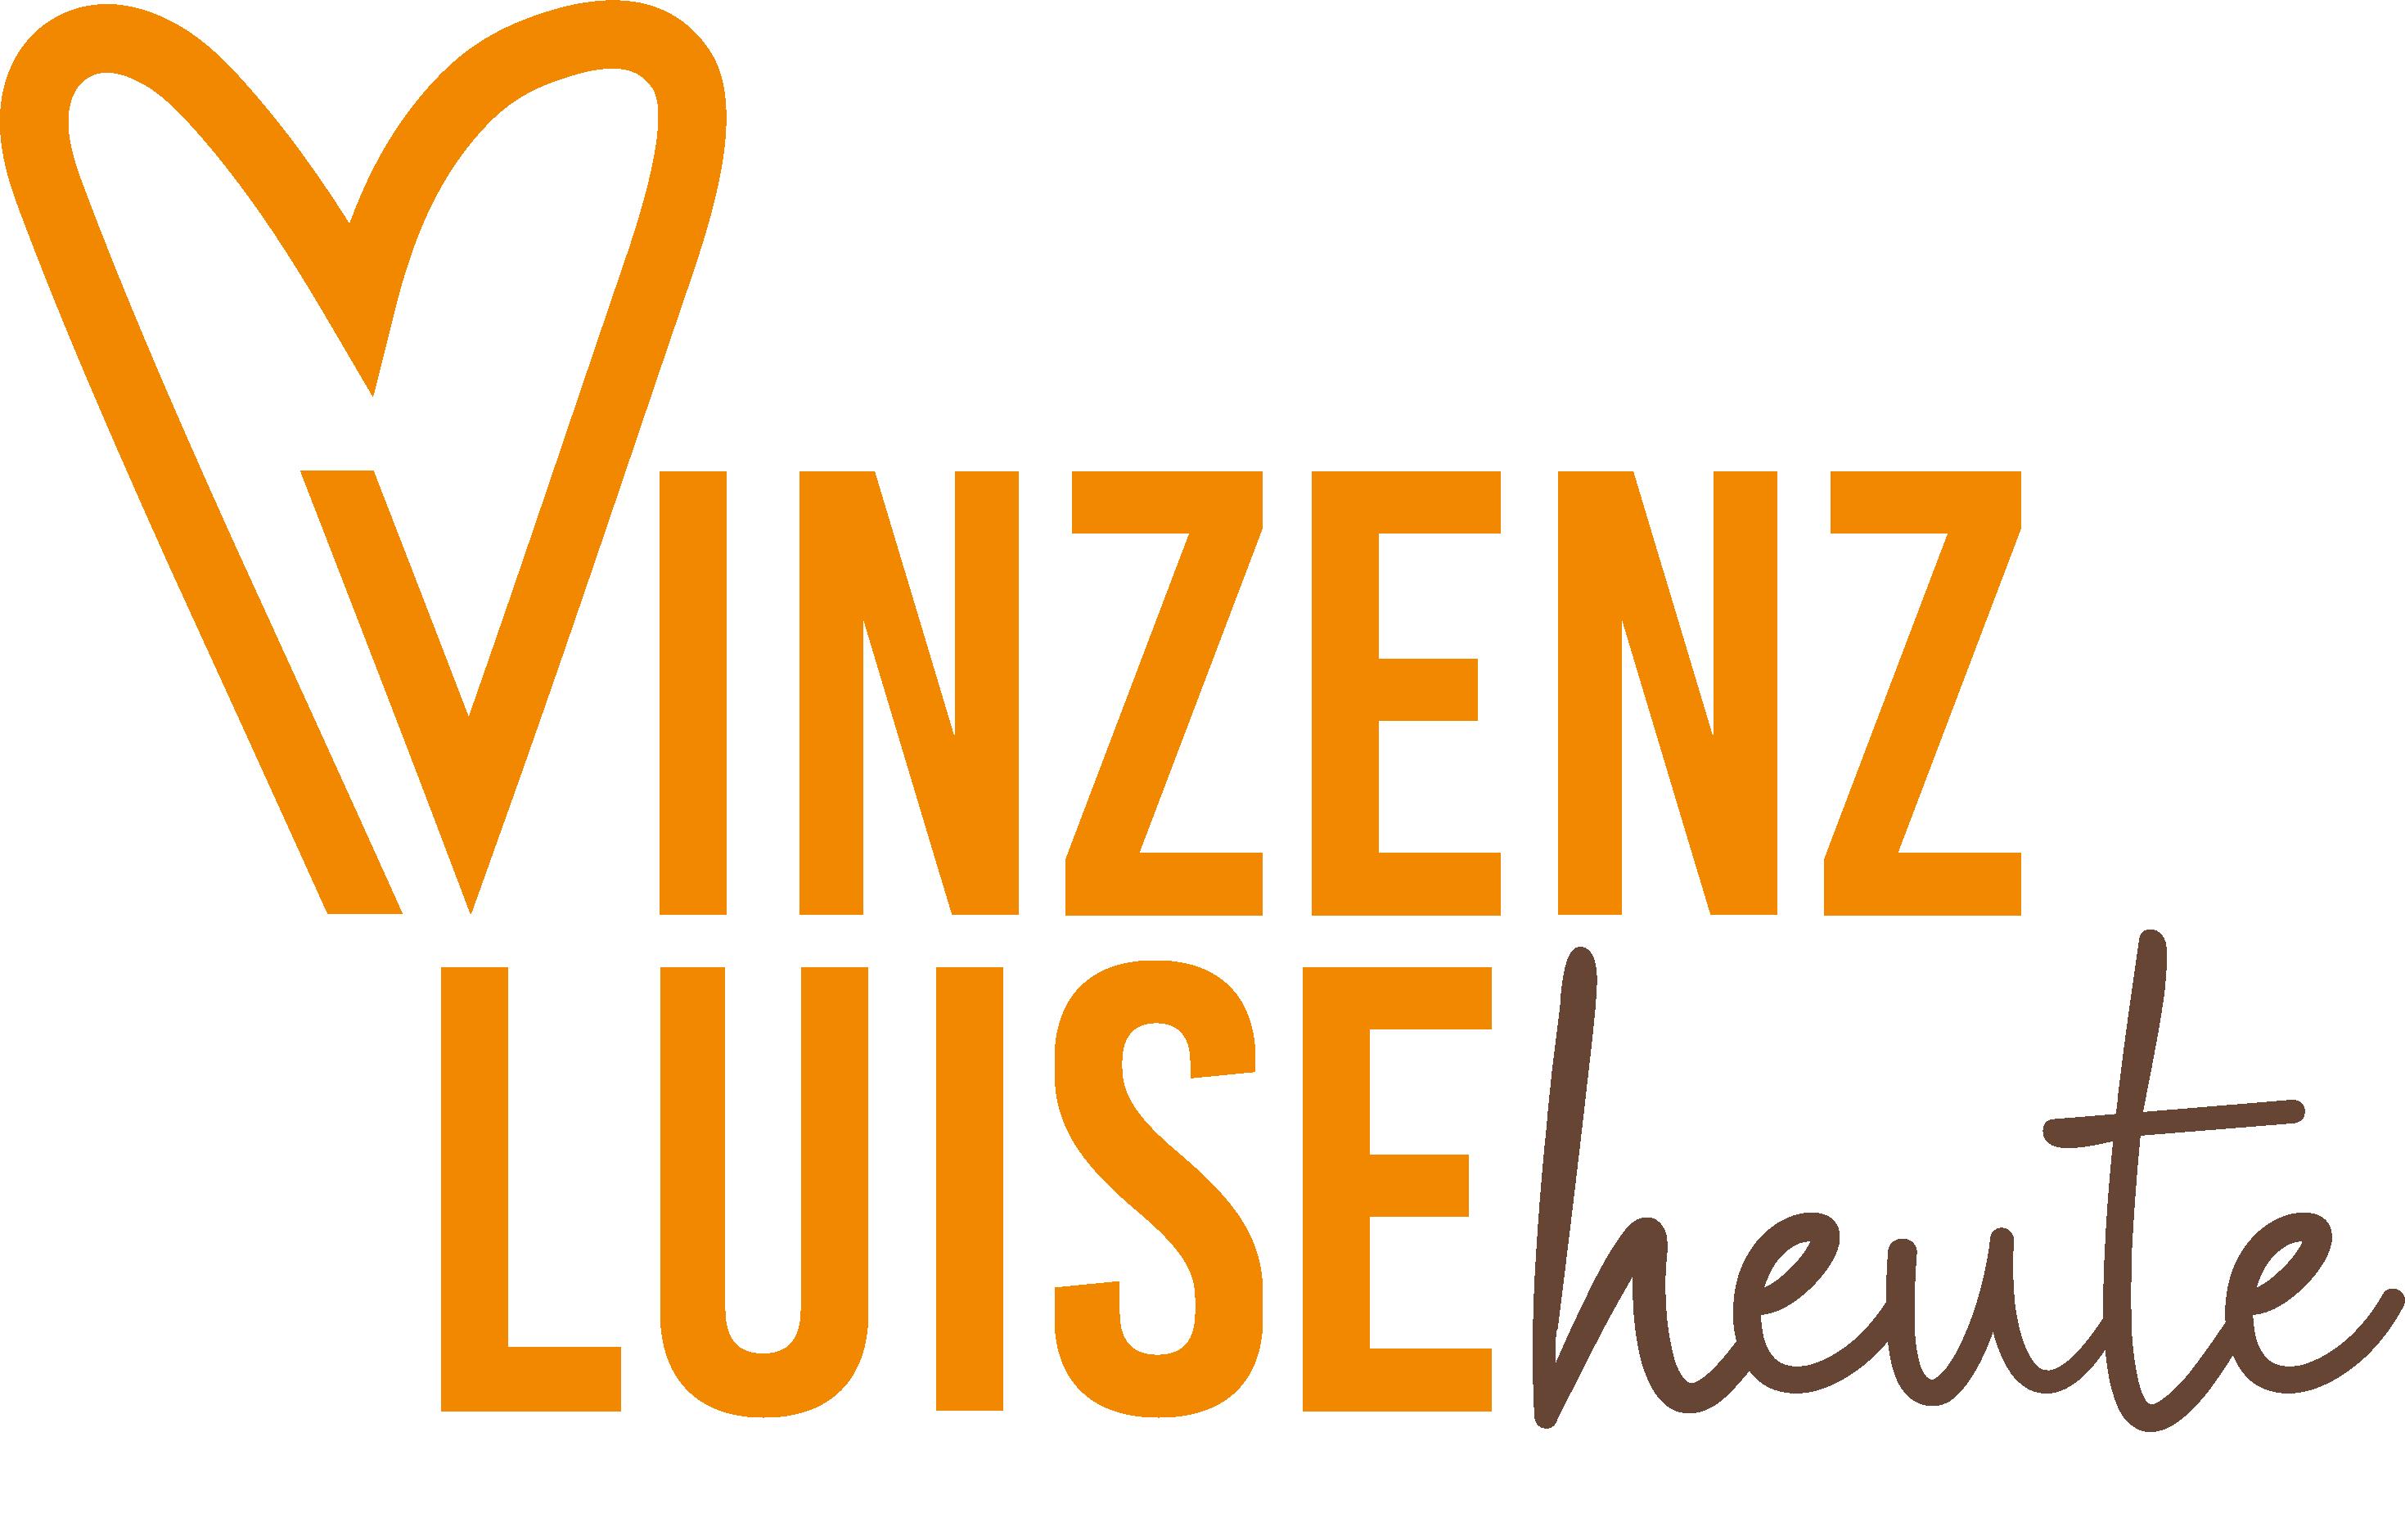 Vinzenz Luuise heute - Barmherzige Schwestern v. hl. Vinzenz von Paul gHOLDING GmbH